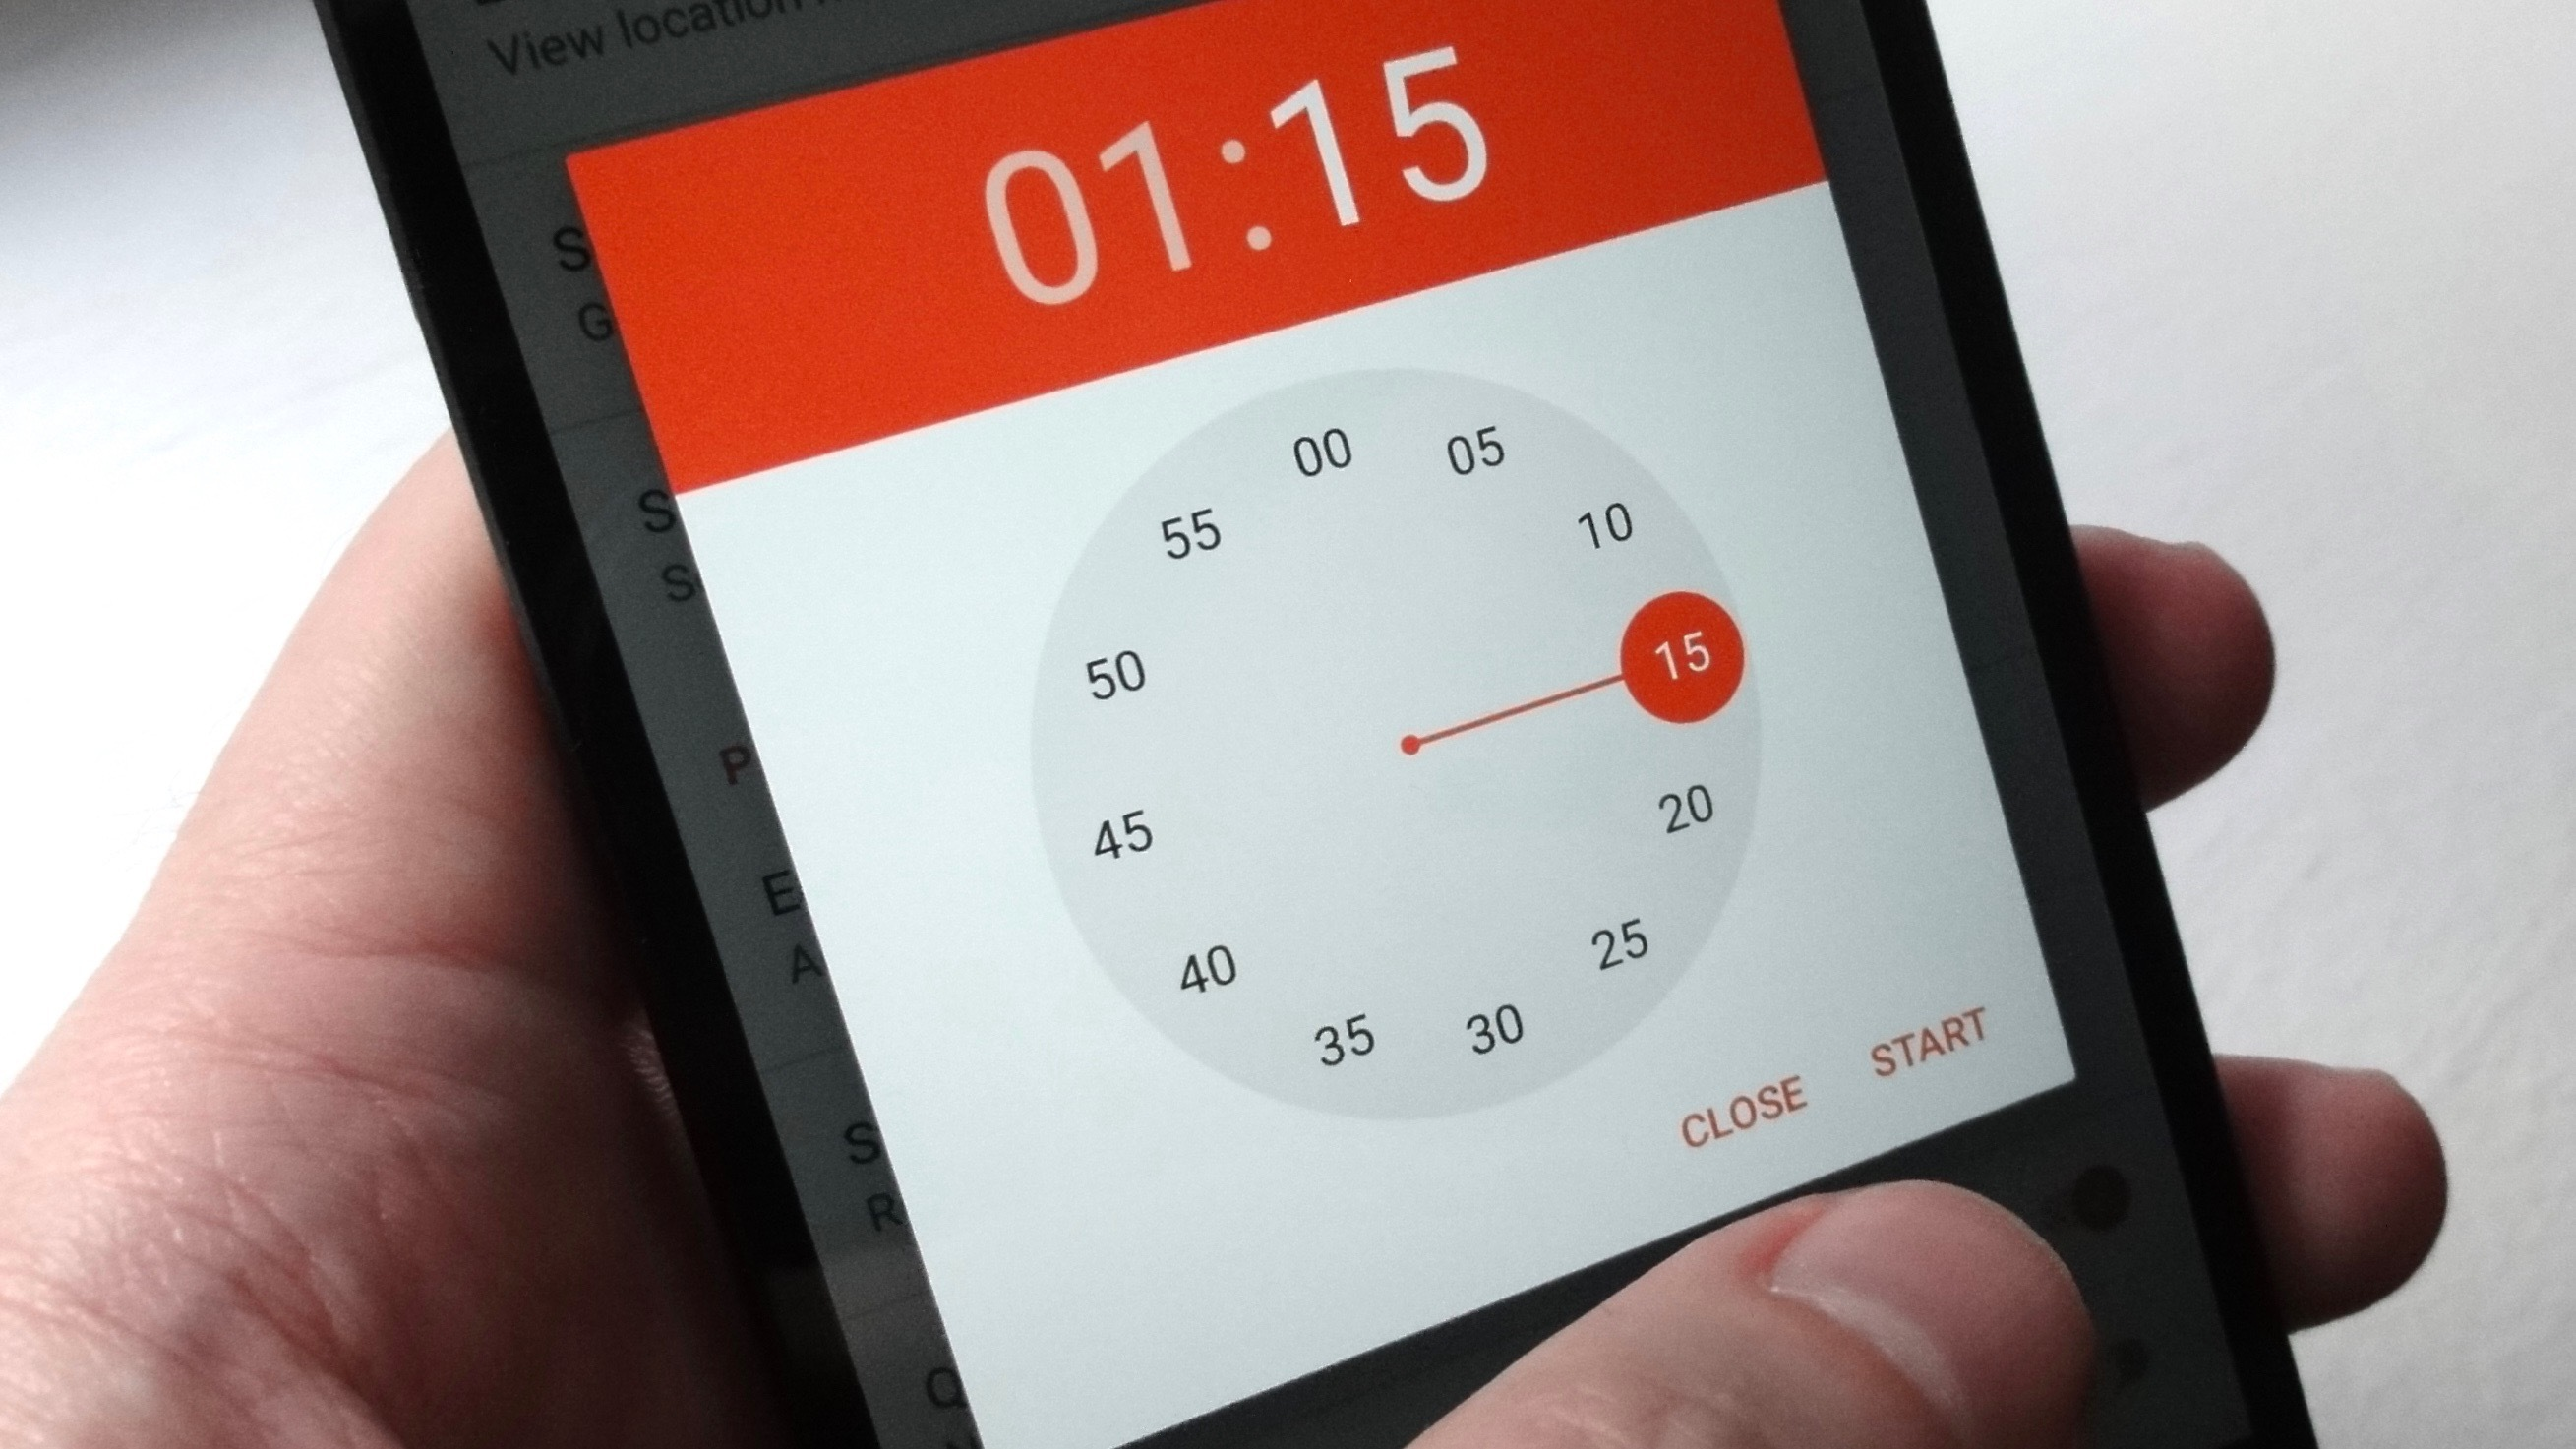 تطبيق Sleep Timer مؤقت لإيقاف الموسيقى تلقائيًا